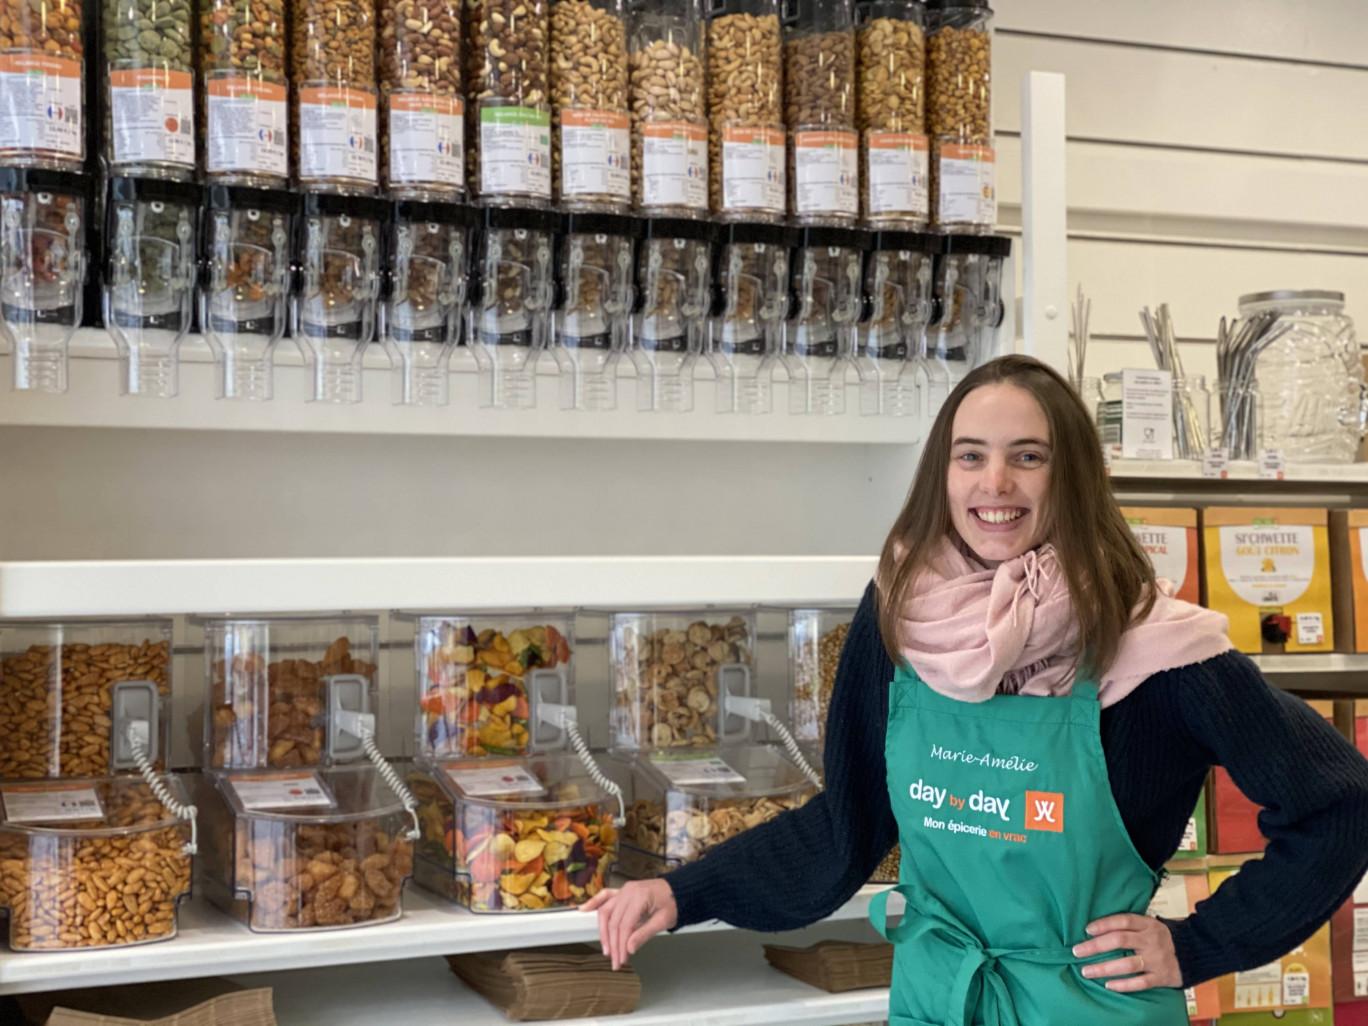 La franchise Day by Day inaugure une épicerie à Boulogne-sur-Mer